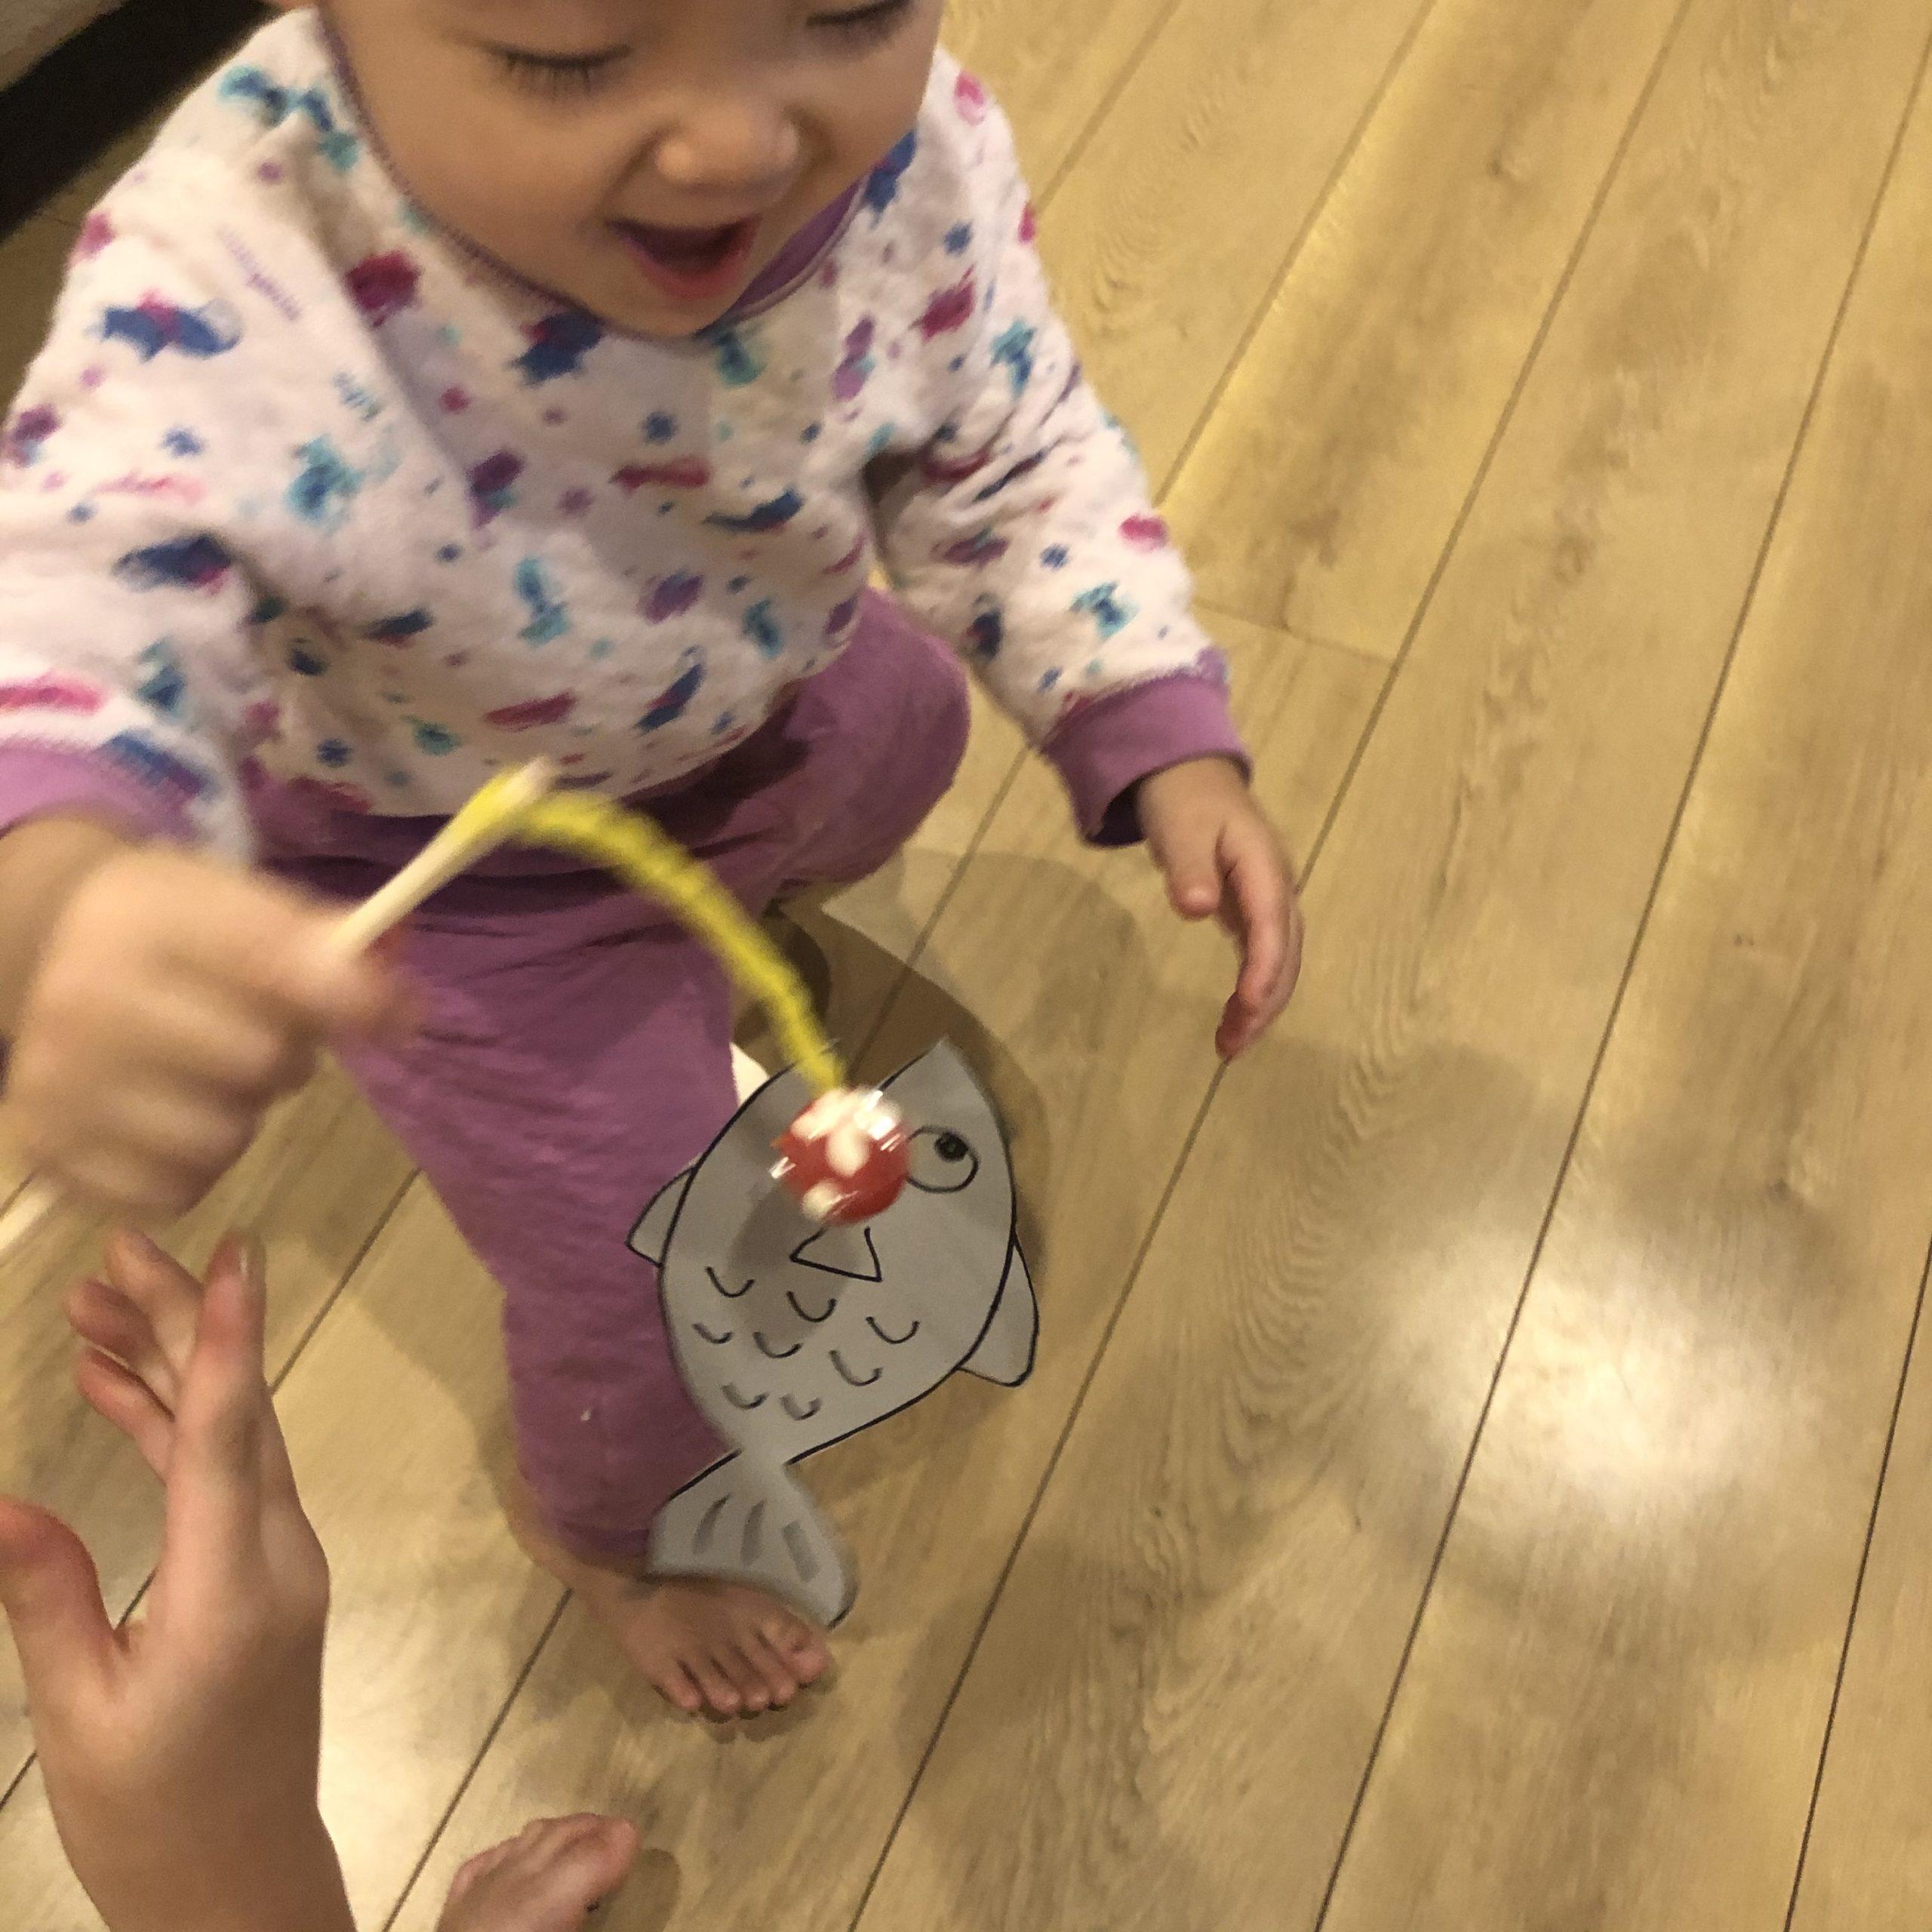 簡単釣りゲーム制作1歳児でも遊べる